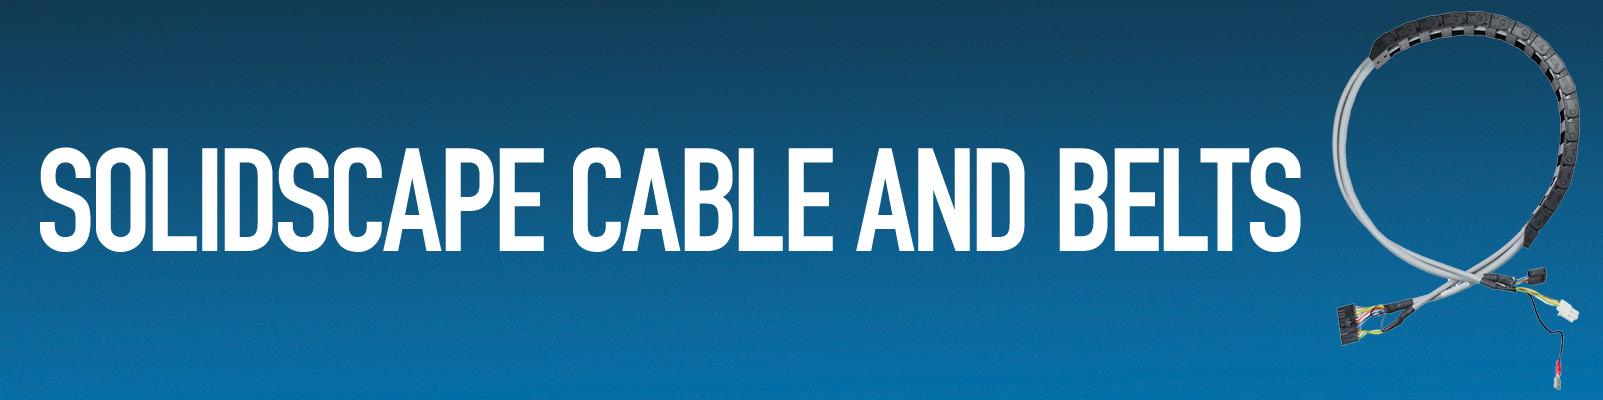 Solidscape Cable & Belts